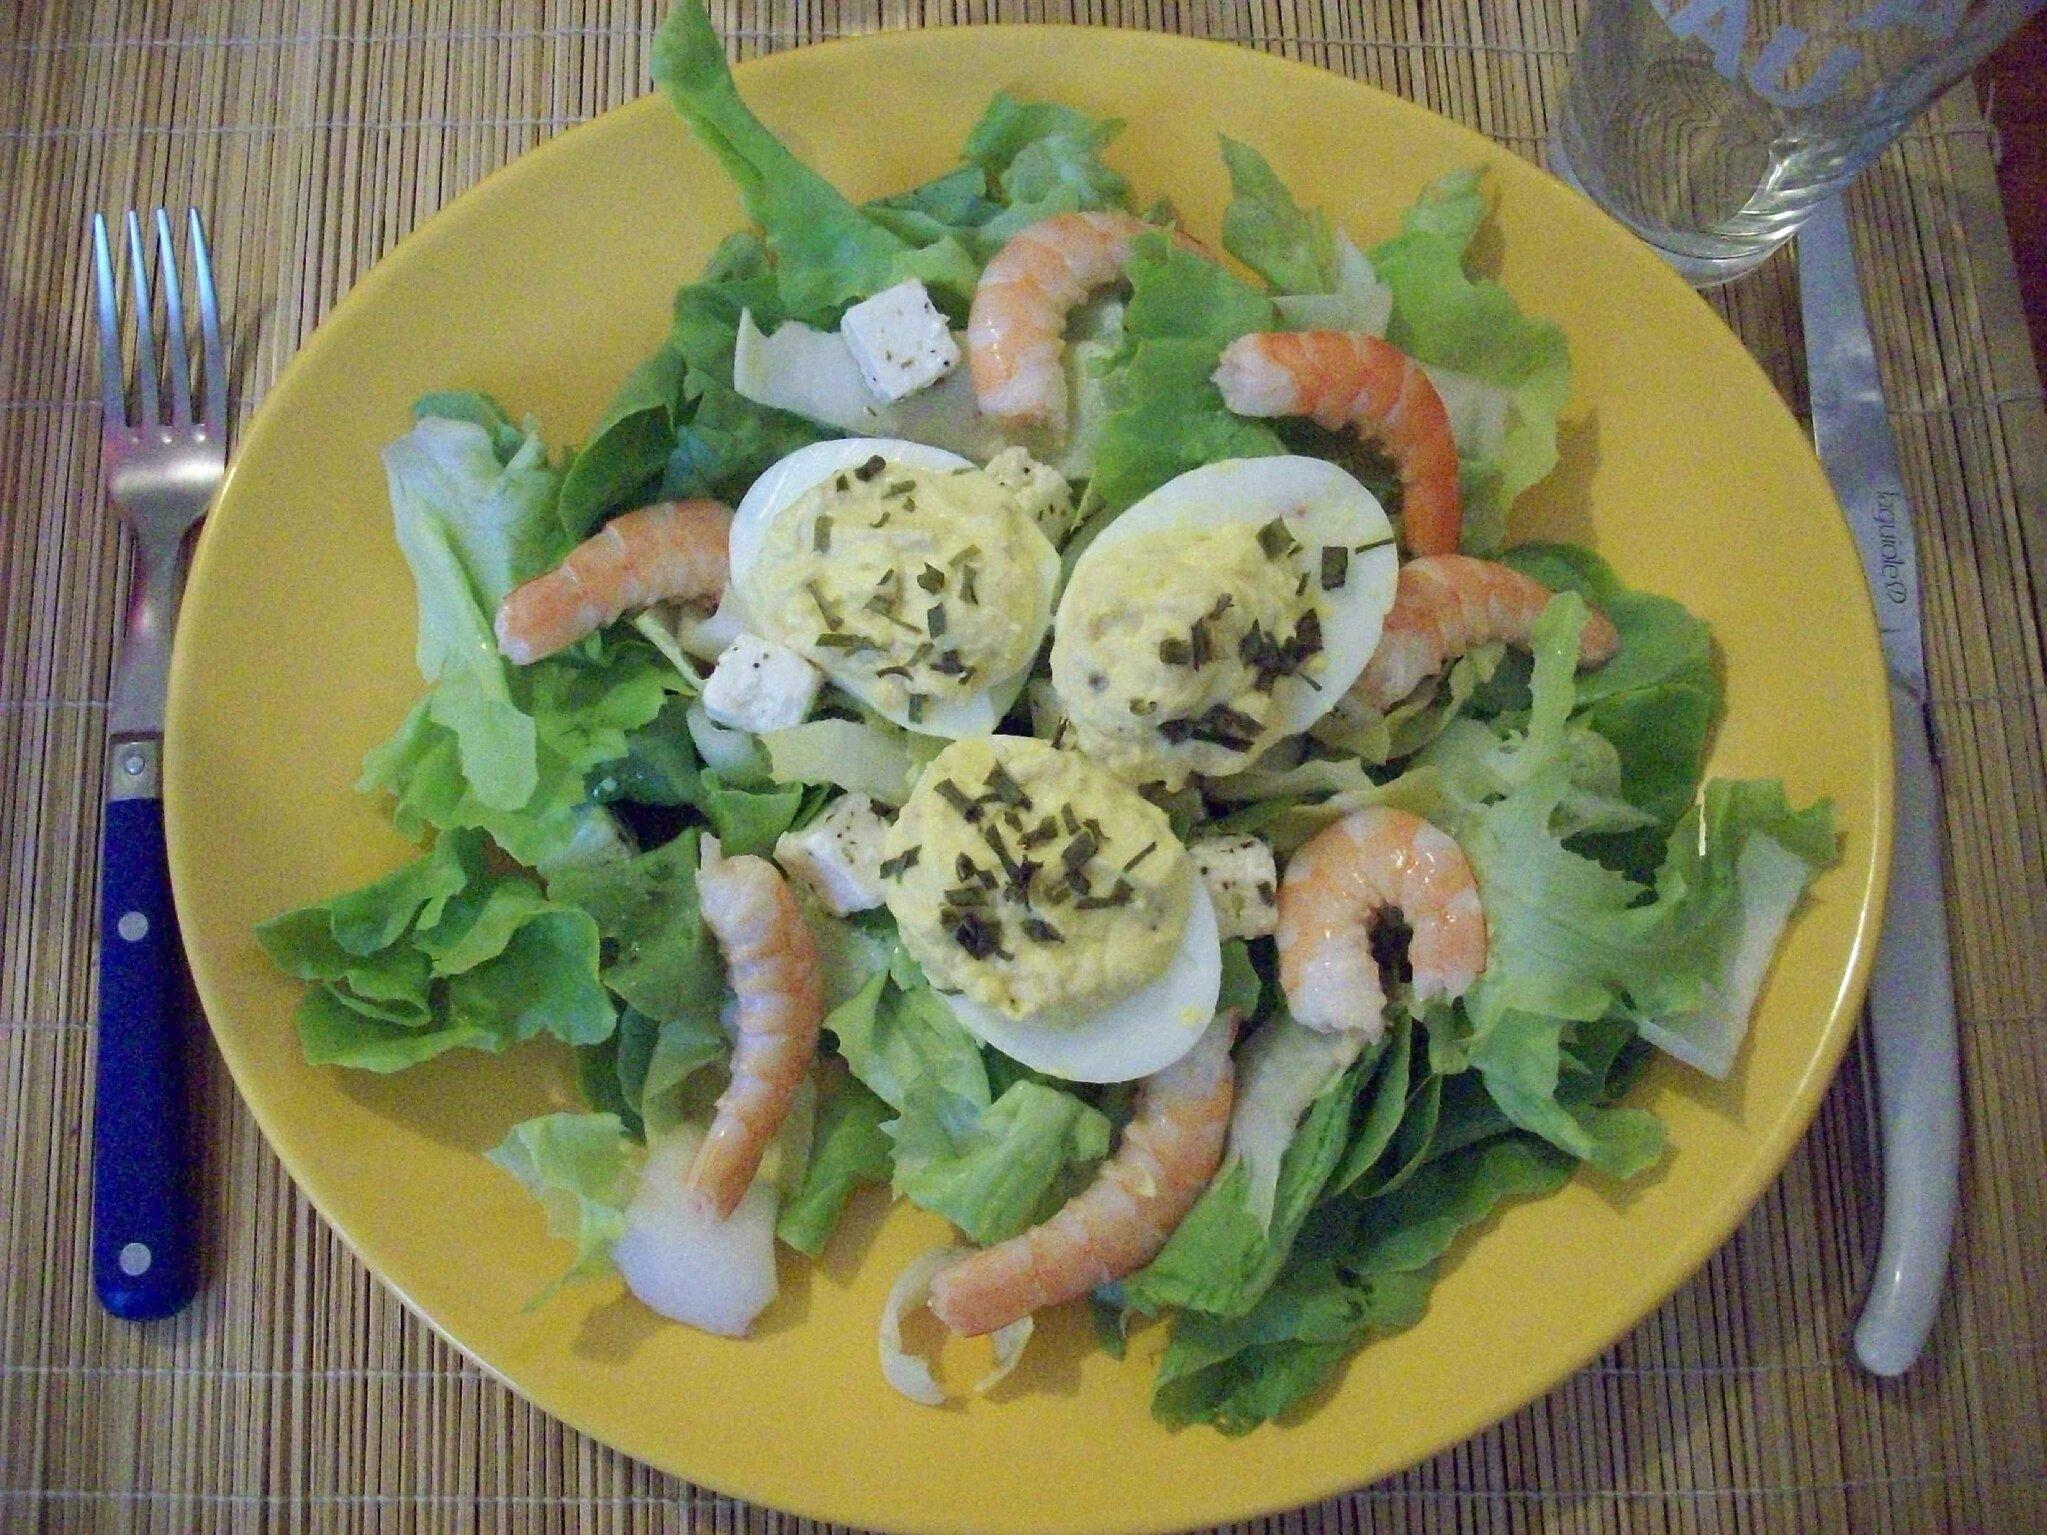 Salade compos e aux crevettes et ufs au thon les gourmandises d 39 ombeline - Salade verte composee ...